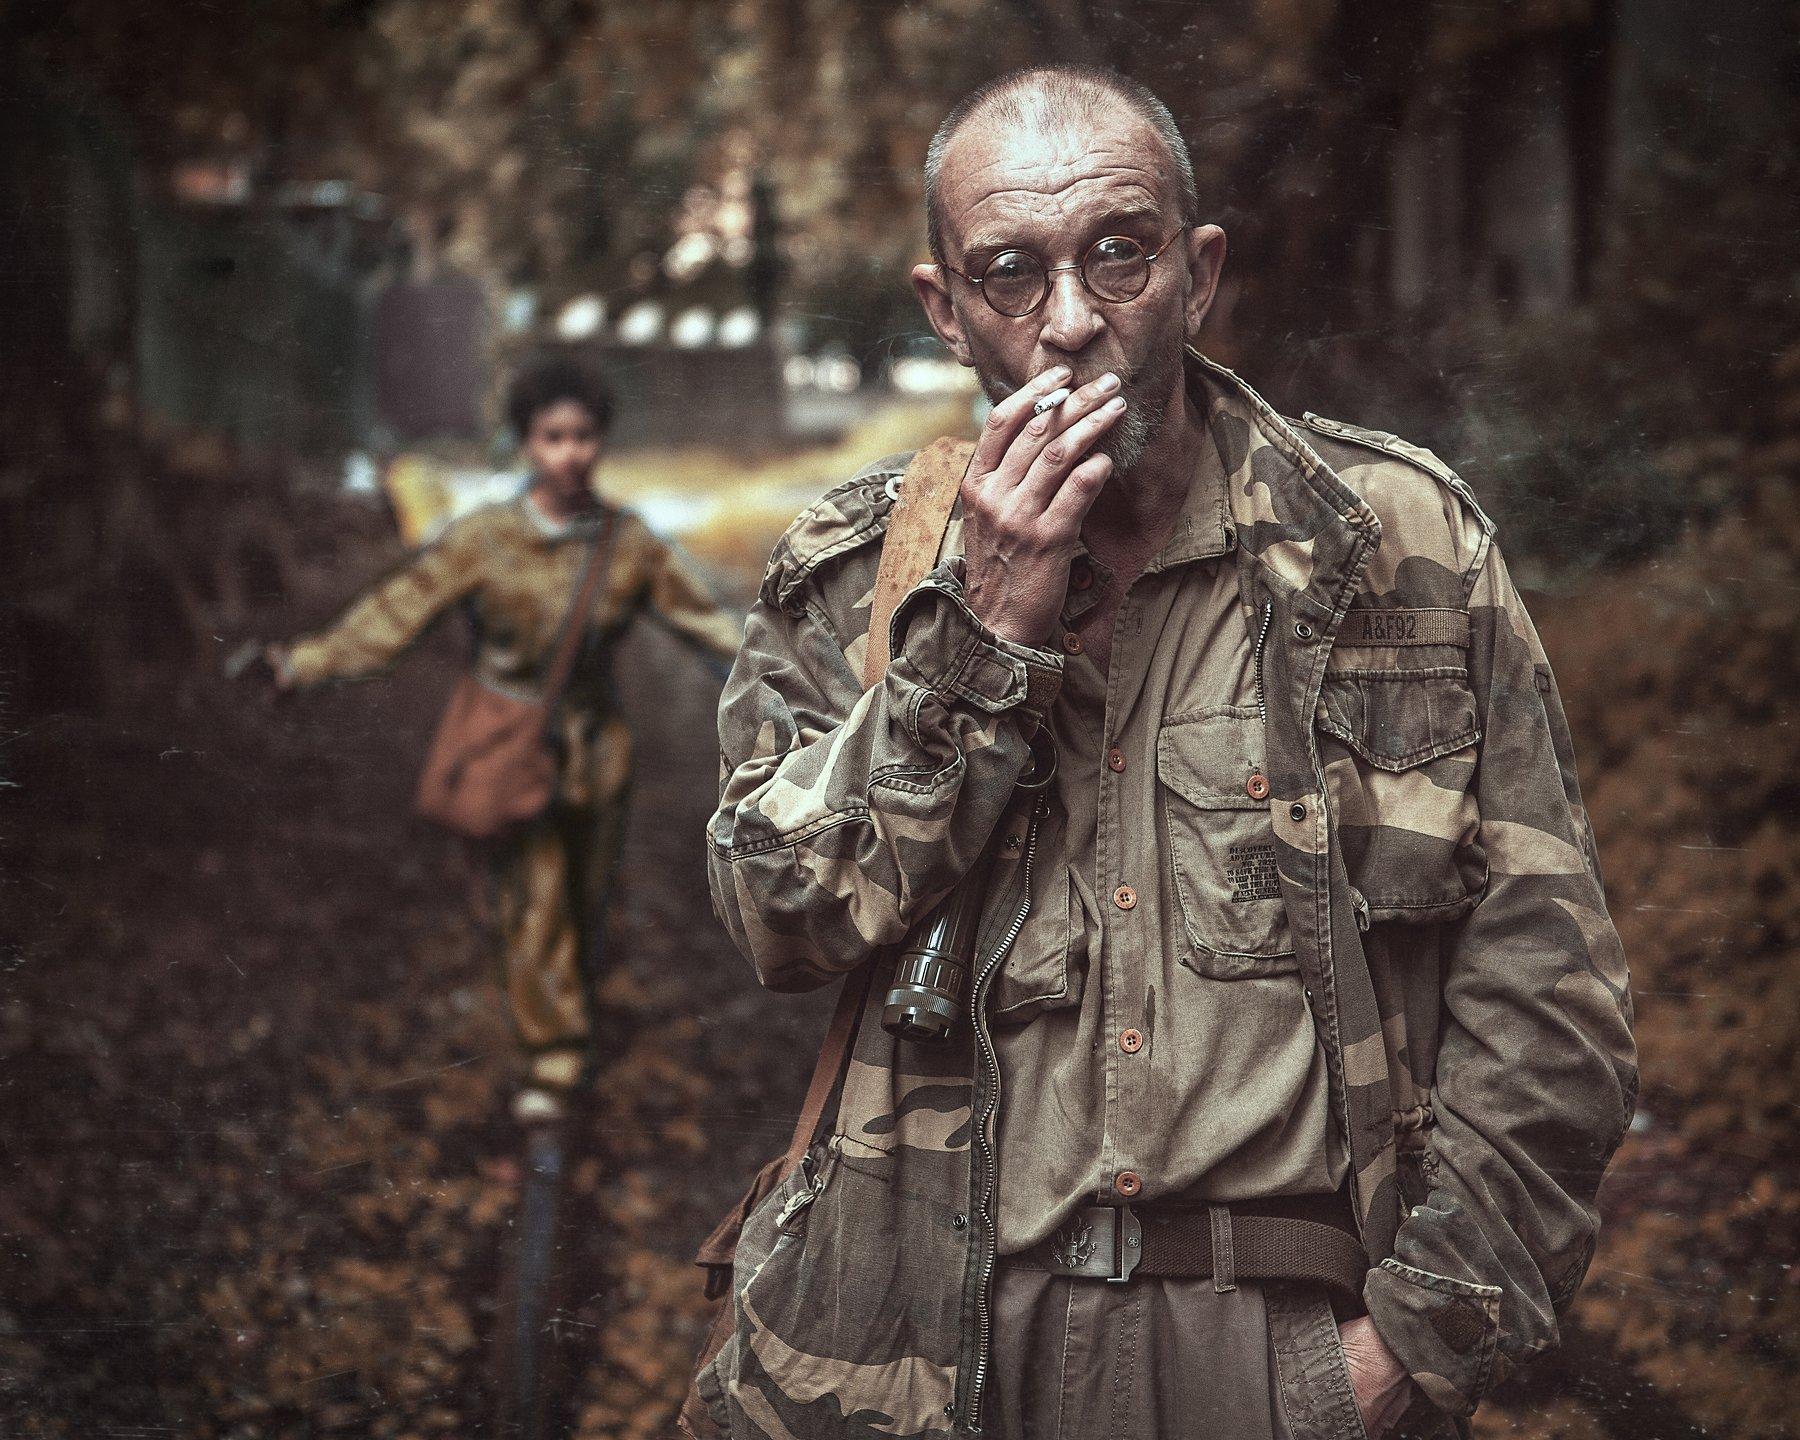 сталкер, дождь, зона, Шипов Олег